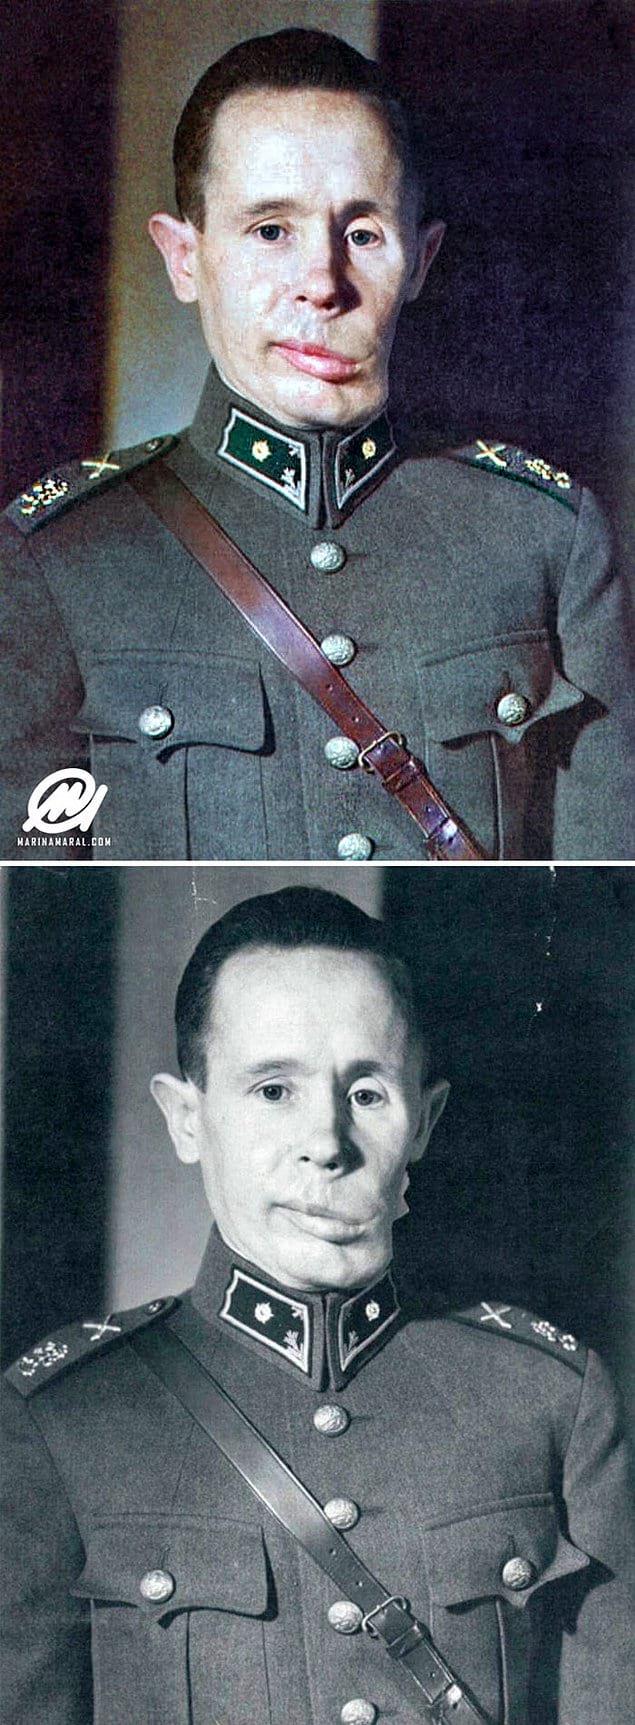 Финский снайпер Симо Хяюхя, по кличке Белая Смерть.